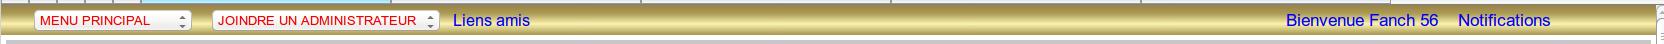 Curiosité : qu'avez-vous fais de votre toolbar ? Captur84